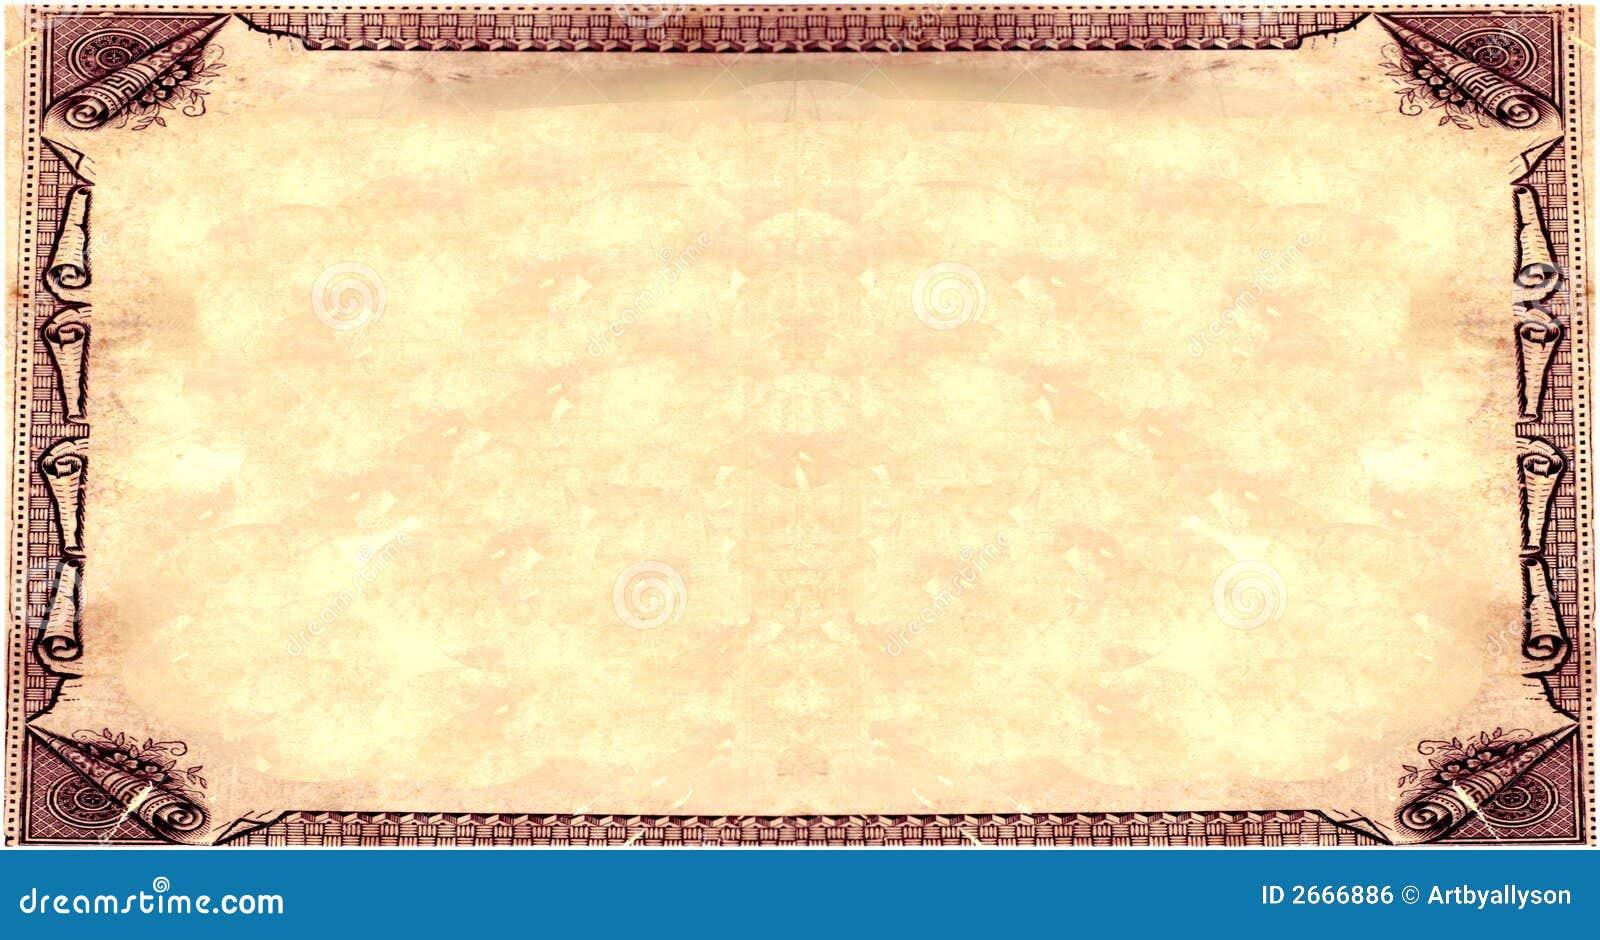 royal sepia parchment paper 2666886